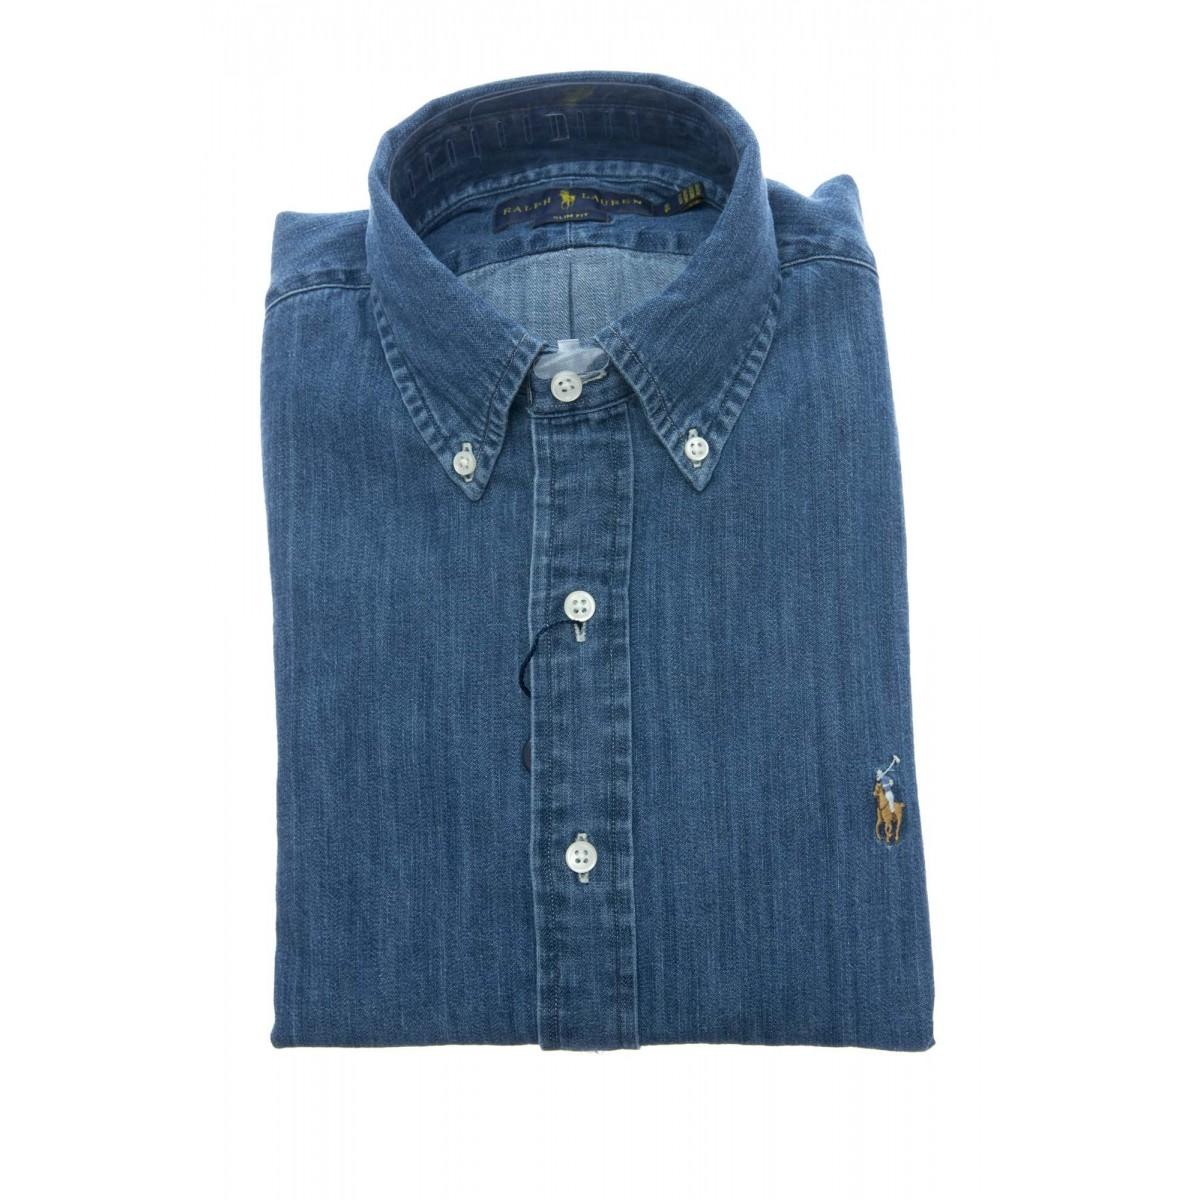 Camicia Uomo- 548539 001 camicia slim jeans